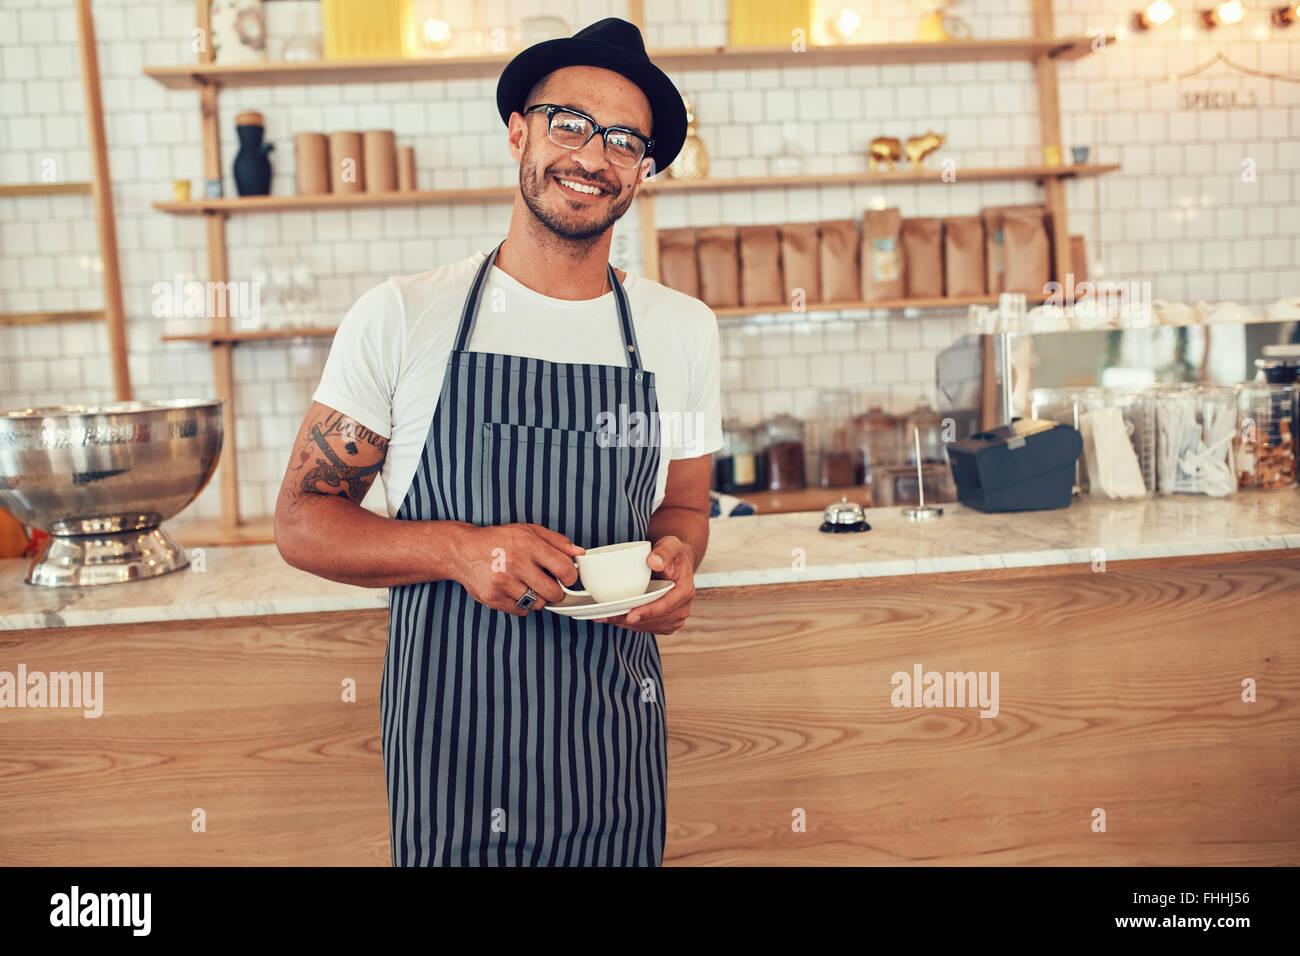 Porträt von glücklichen jungen Barista bei der Arbeit. Kaukasischen Mann mit Schürze und Mütze Stockbild